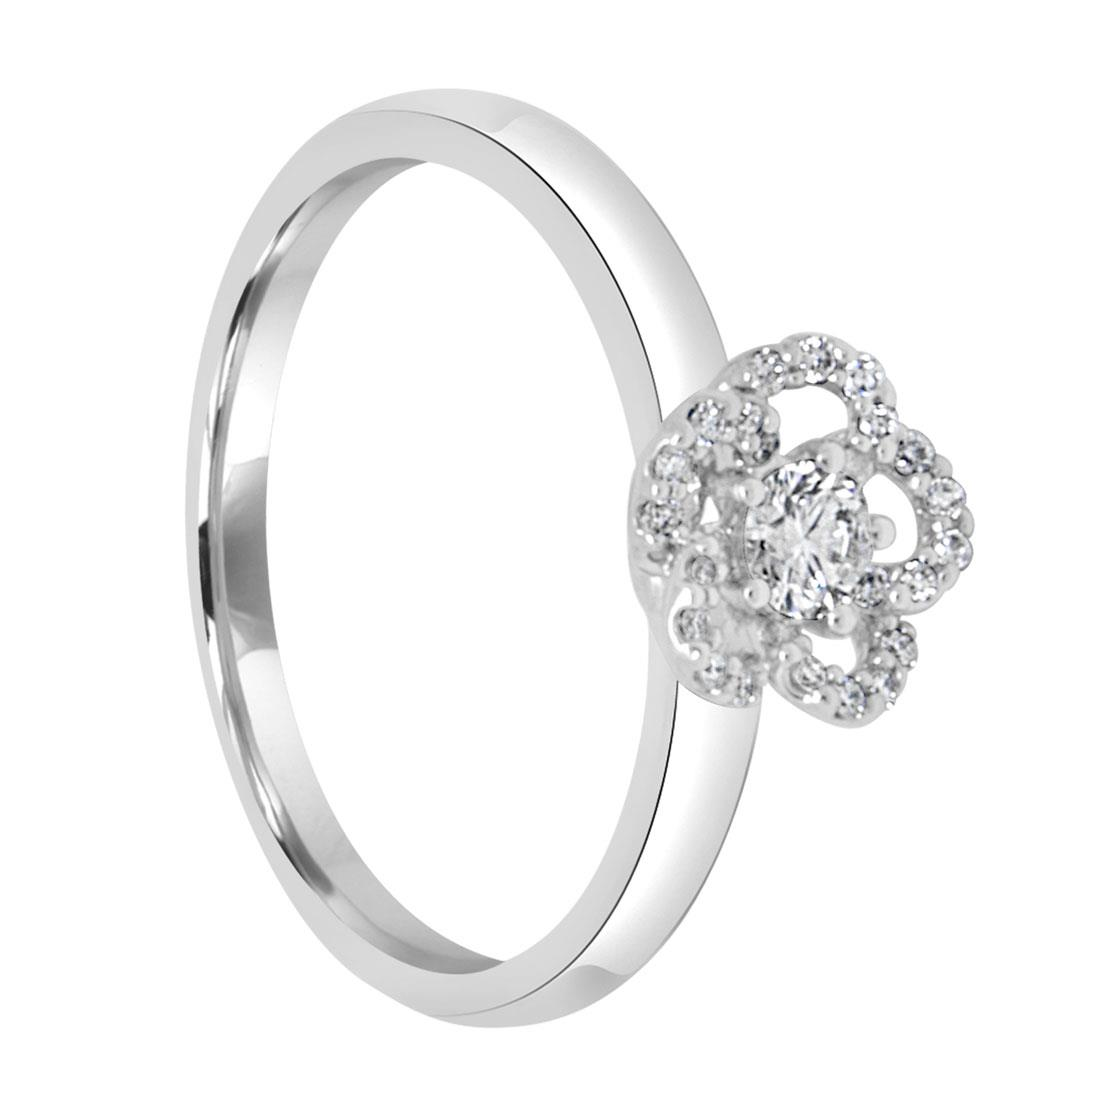 Anello in oro bianco con diamanti 0.19 ct - BLISS